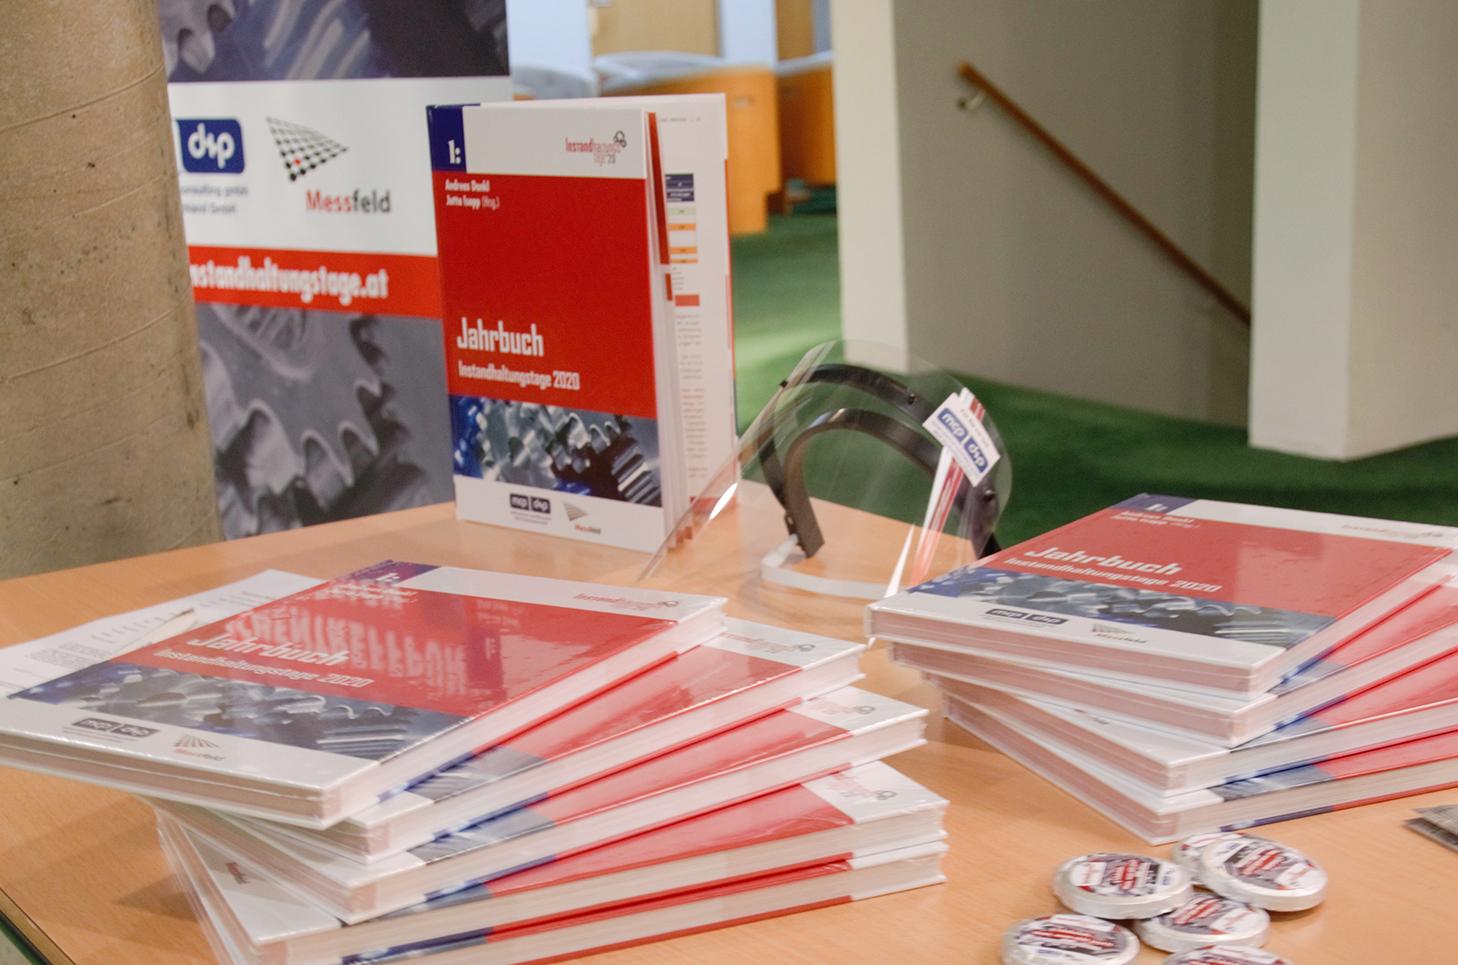 INSTANDHALTUNGSTAGE 2020: Check In in Salzburg, dankl, MCP, Messfeld, Maintenance, Branchentreffpunkt